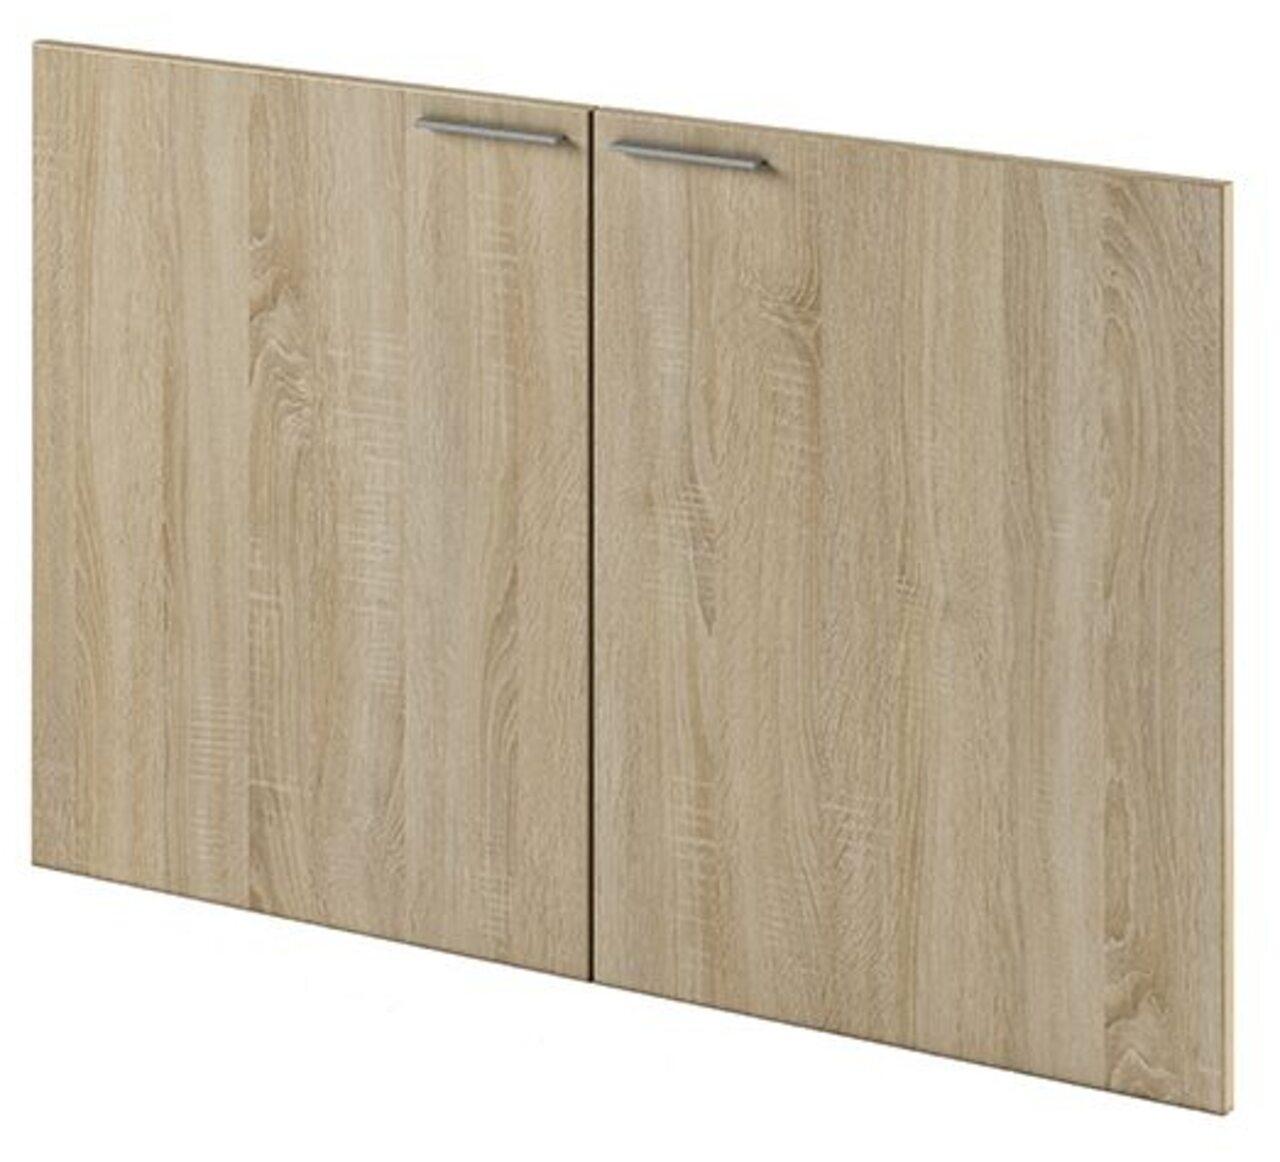 Дверь ЛДСП  Инновация 55x2x70 - фото 1